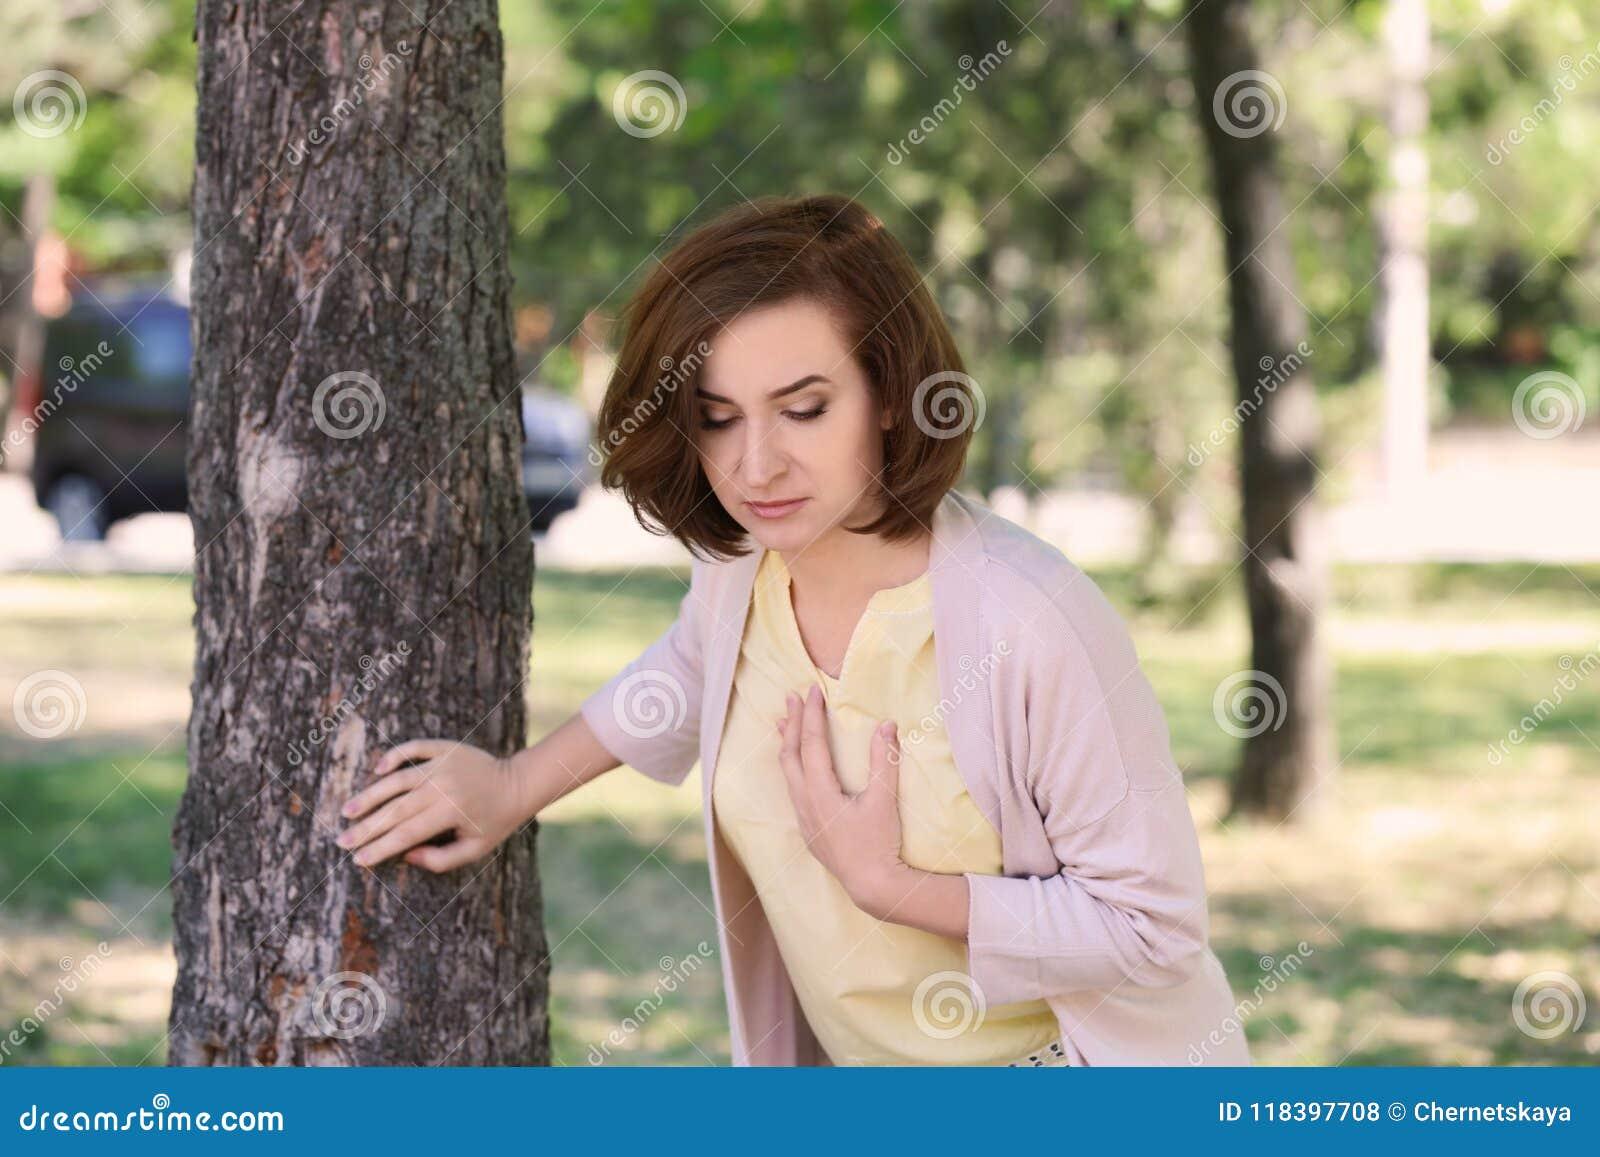 Dojrzała kobieta ma ataka serca blisko drzewa w zieleń parku